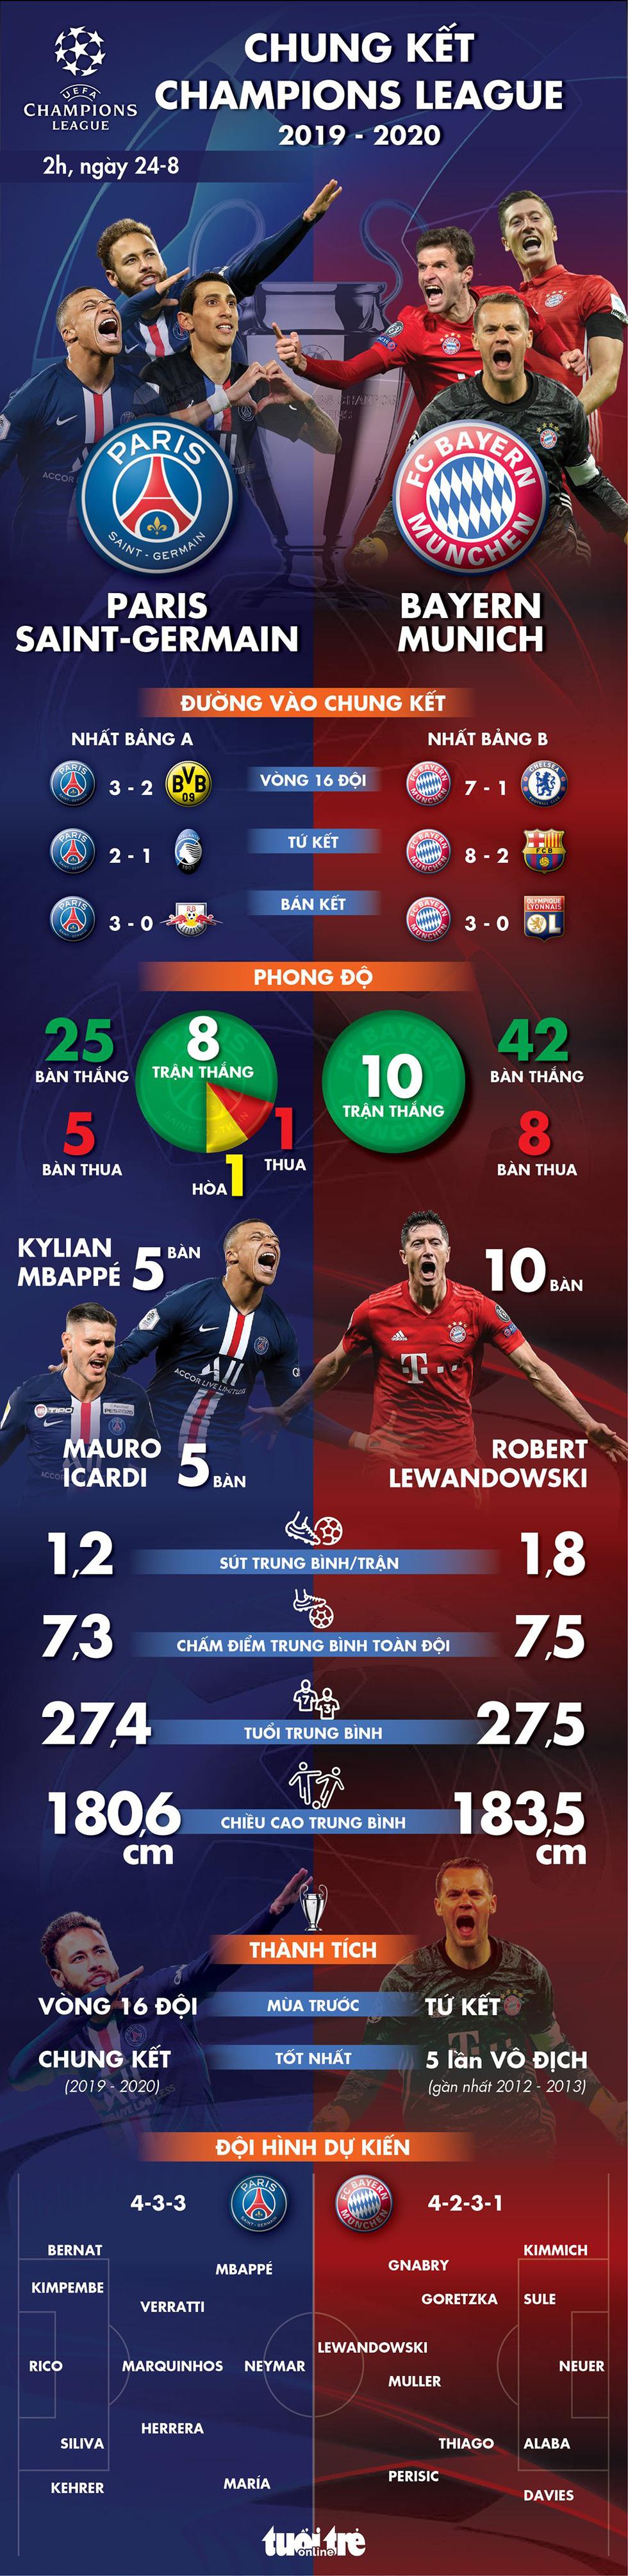 Tương quan sức mạnh giữa PSG và Bayern ở chung kết Champions League - Ảnh 1.